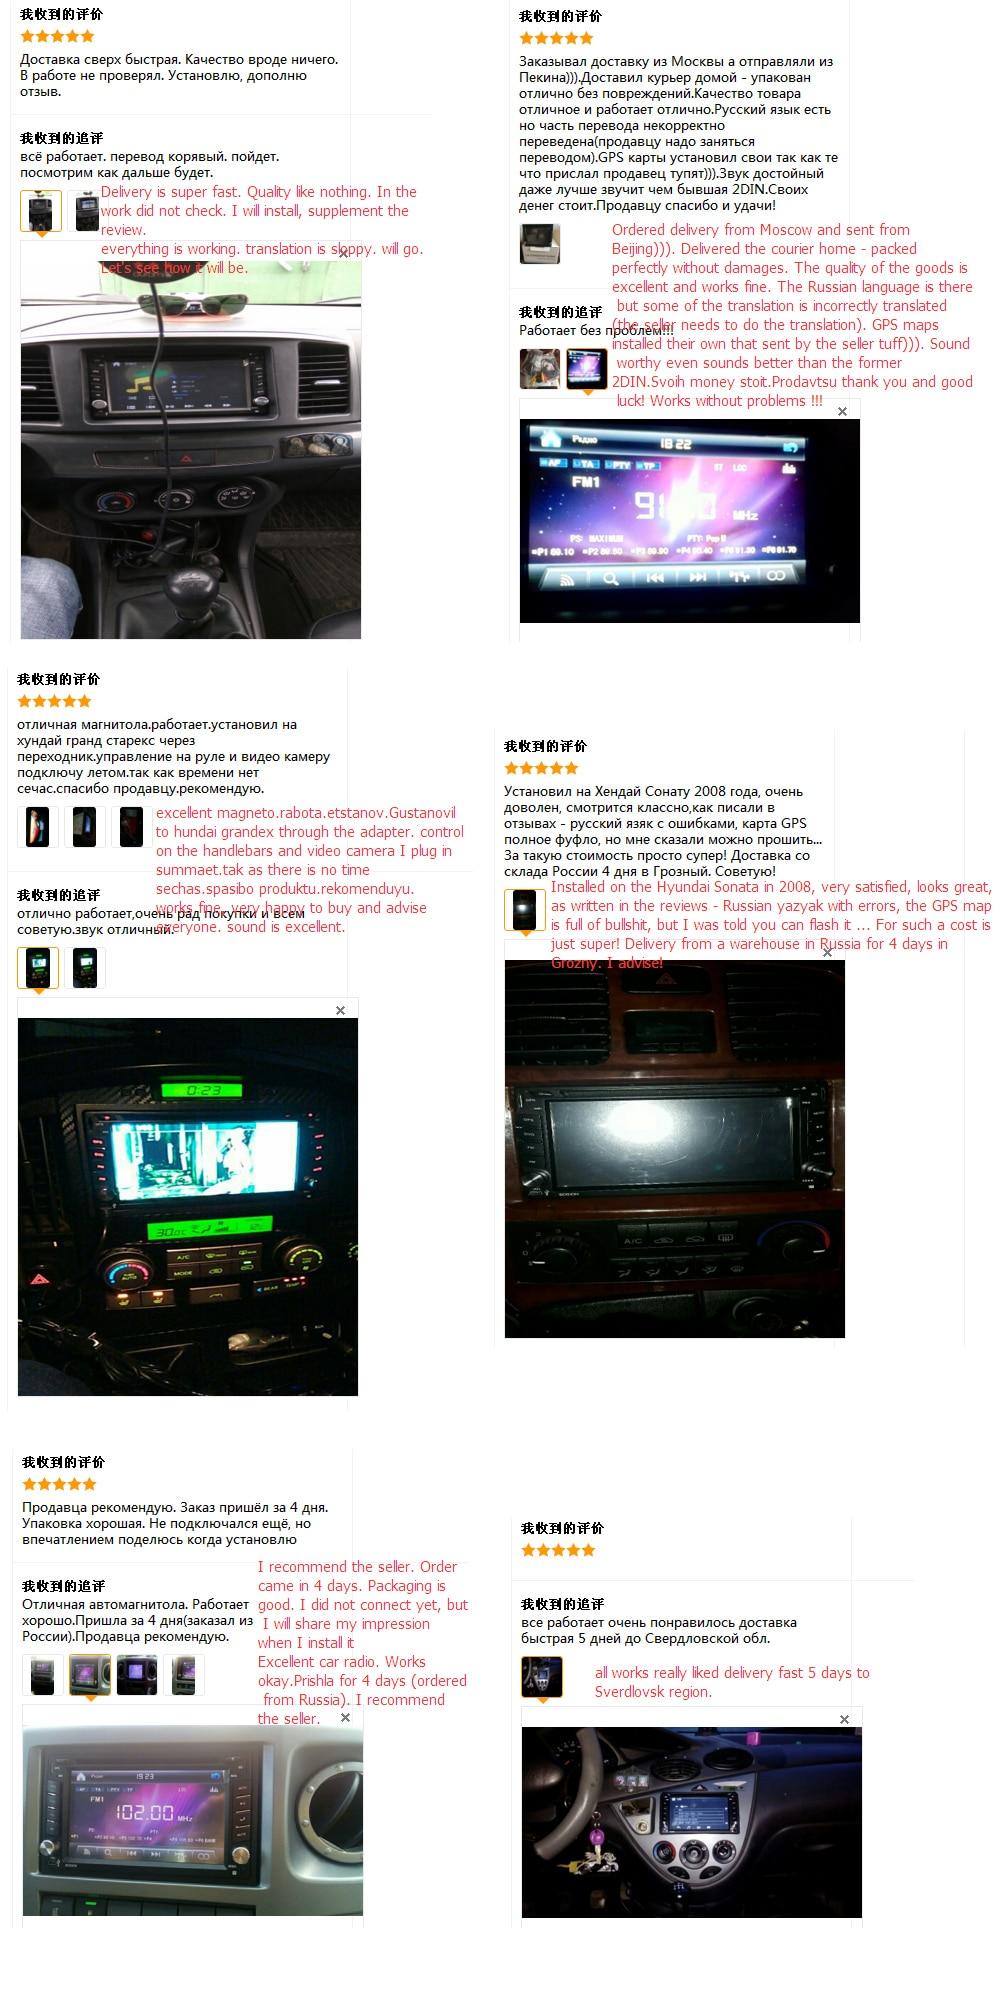 """倉庫を洗う プレーヤー """"カーマルチメディアカセットプレーヤーテープレコーダー Dvd 54"""